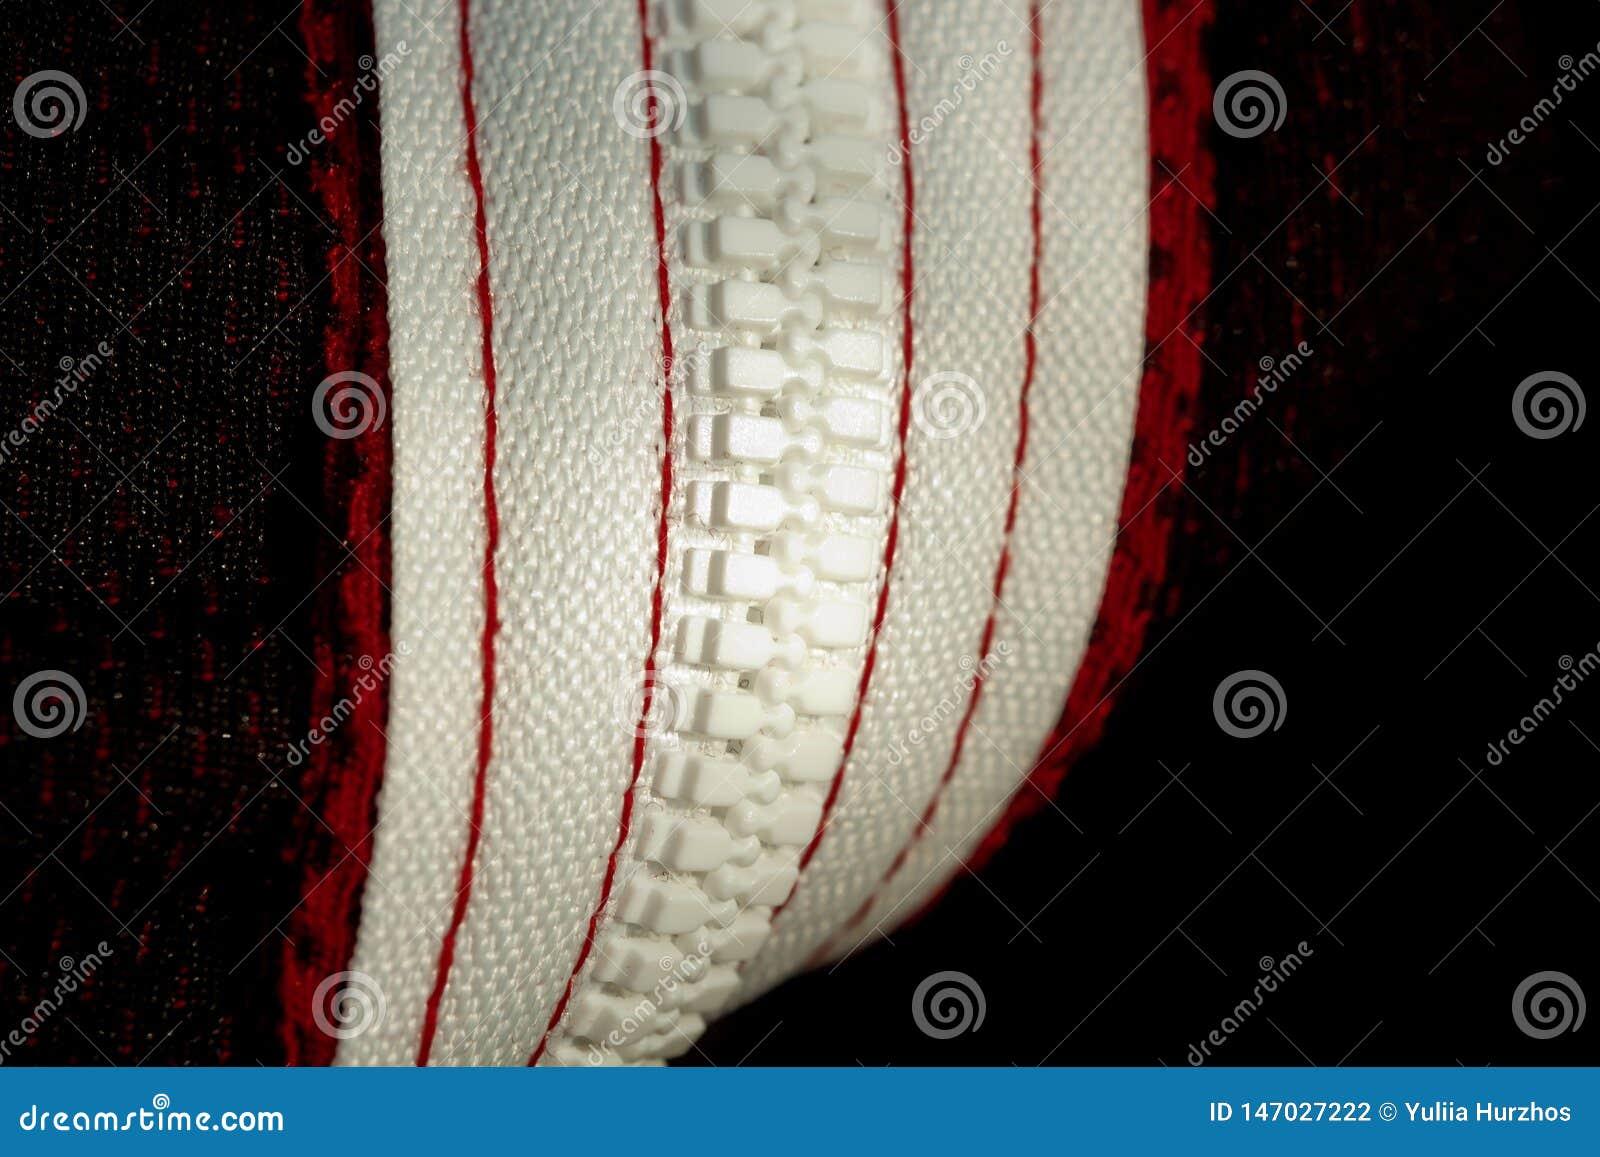 Vue sup?rieure de plan rapproch? rouge de v?tements de sport ligne blanche de fermeture ?clair du mauvais c?t? tricots respirable